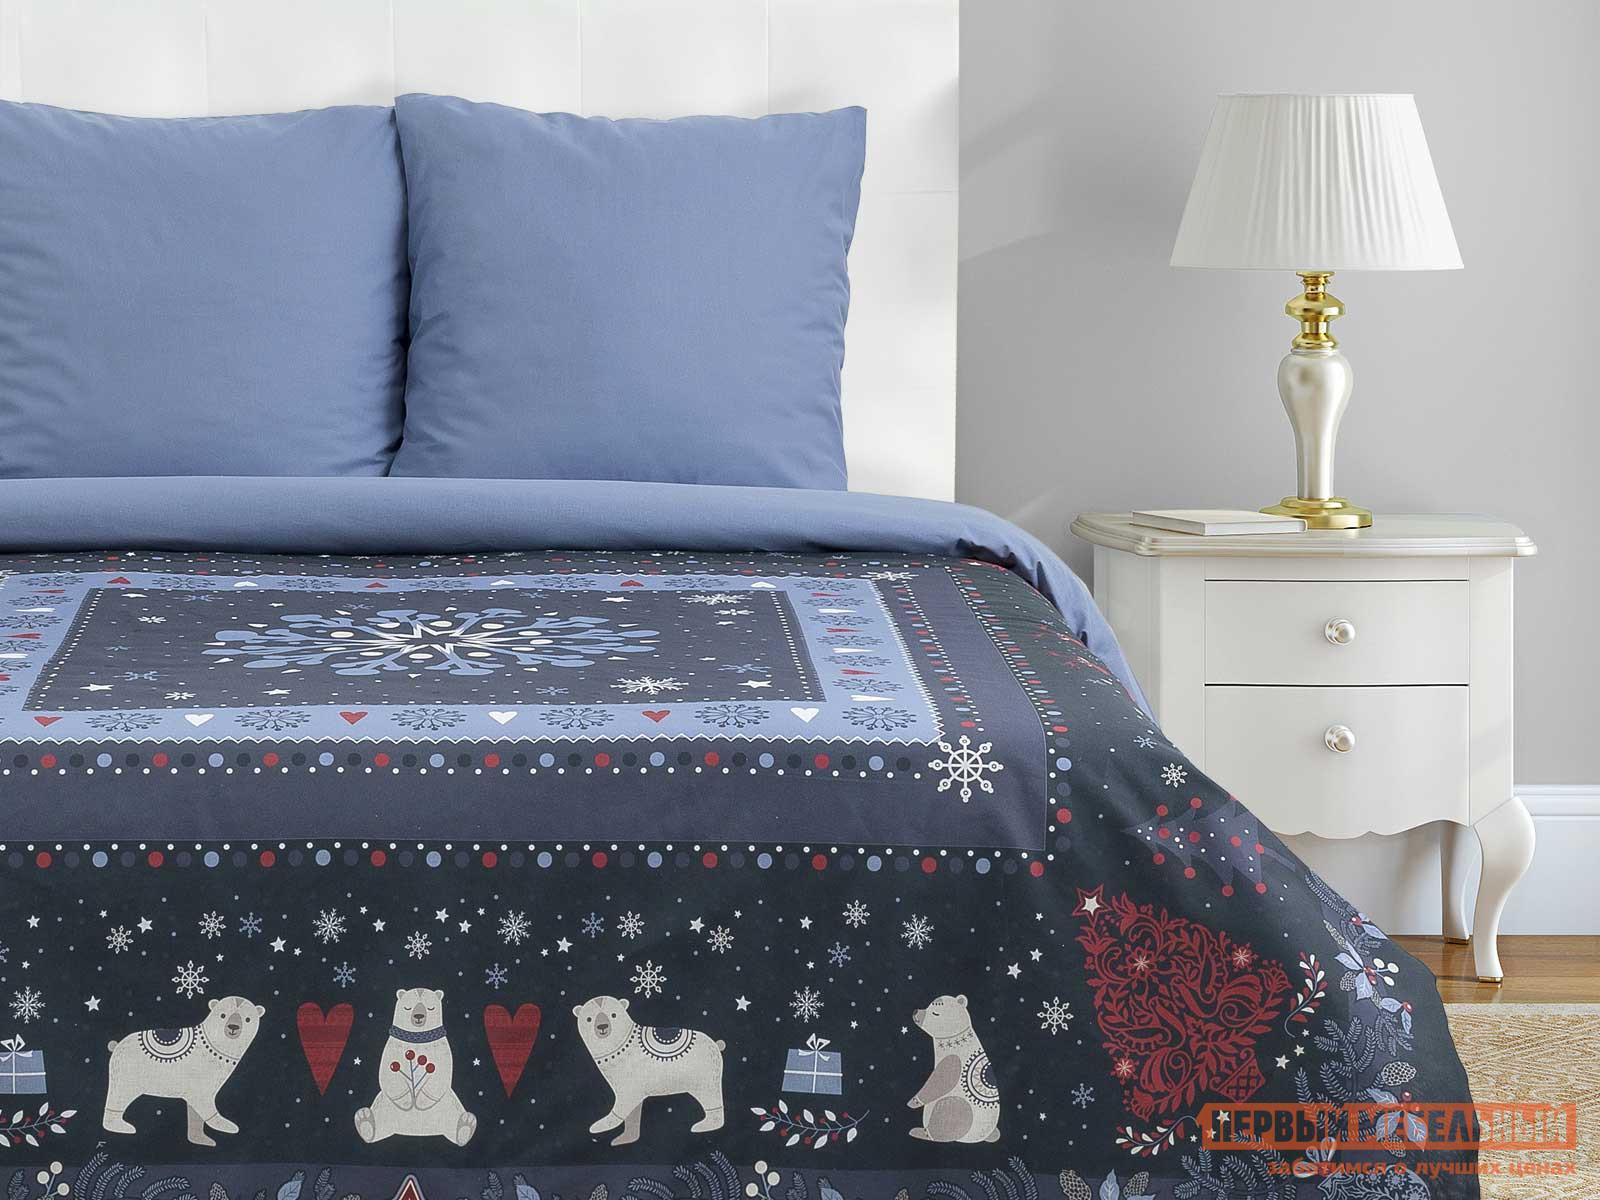 Фото - Комплект постельного белья Первый Мебельный Постельное бельё «Этель» Норвежский праздник этель комплект постельного белья этель red planet 2 спальное